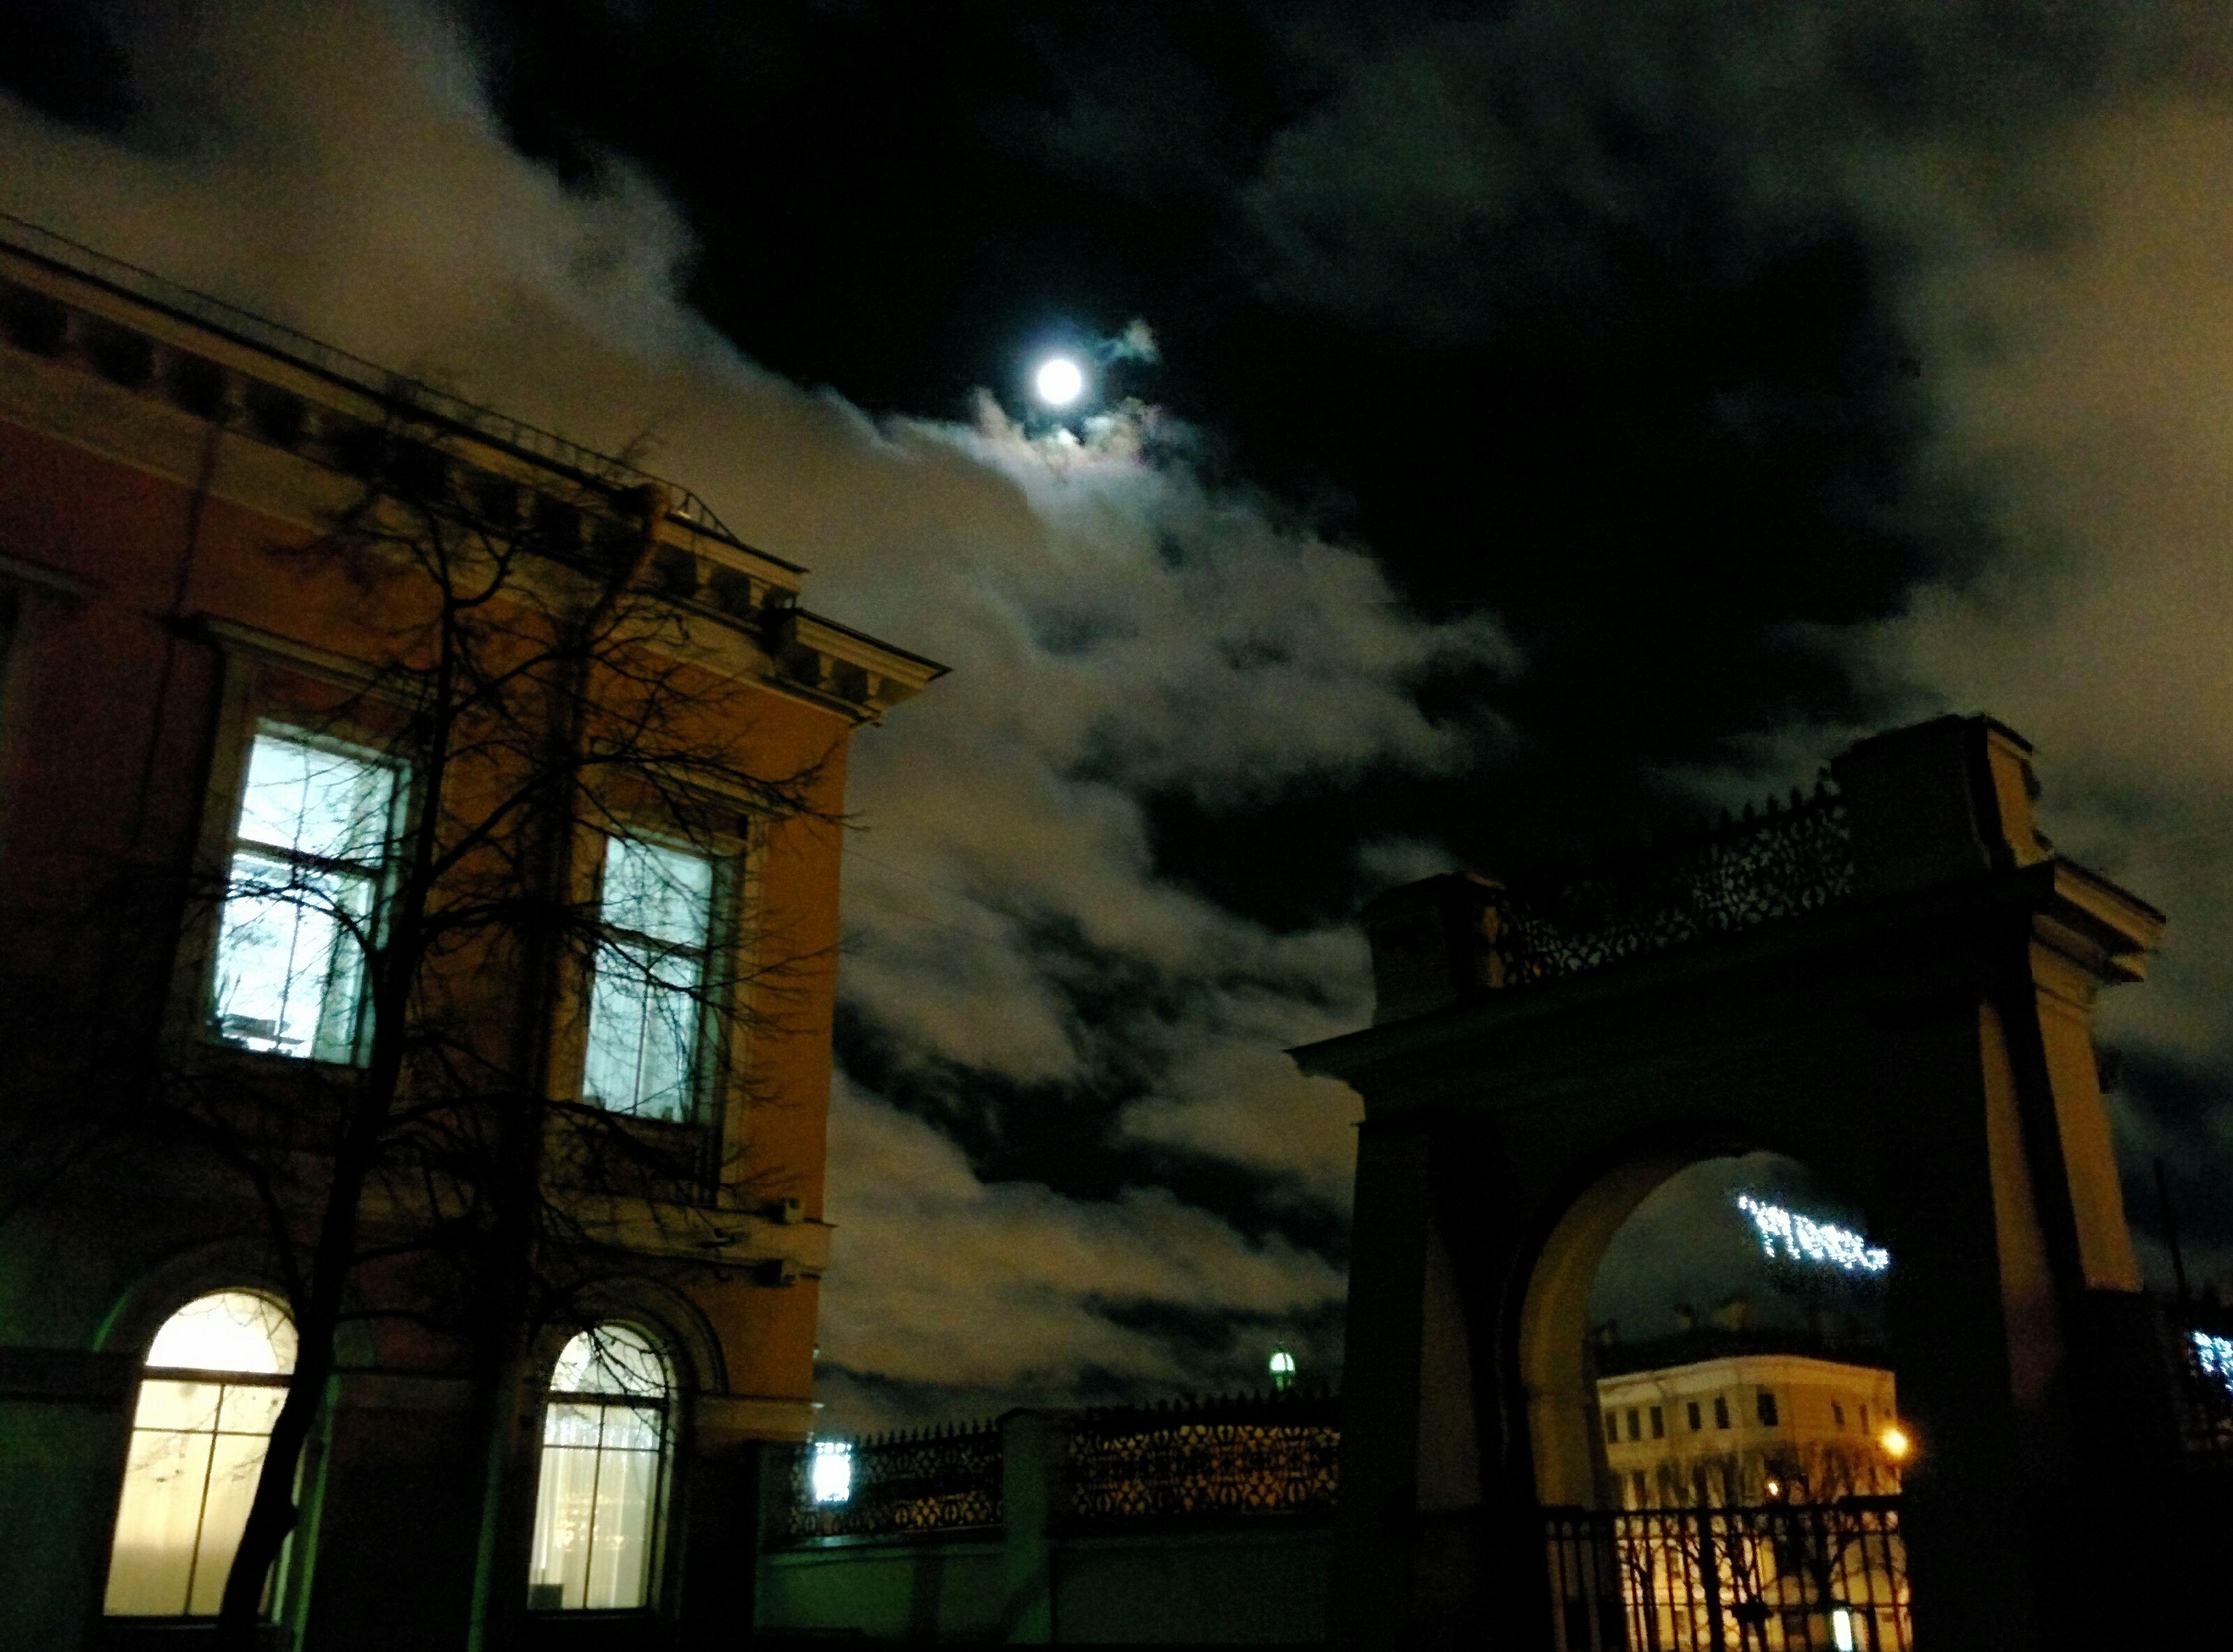 подворотня вечер луна небо зло-рядом